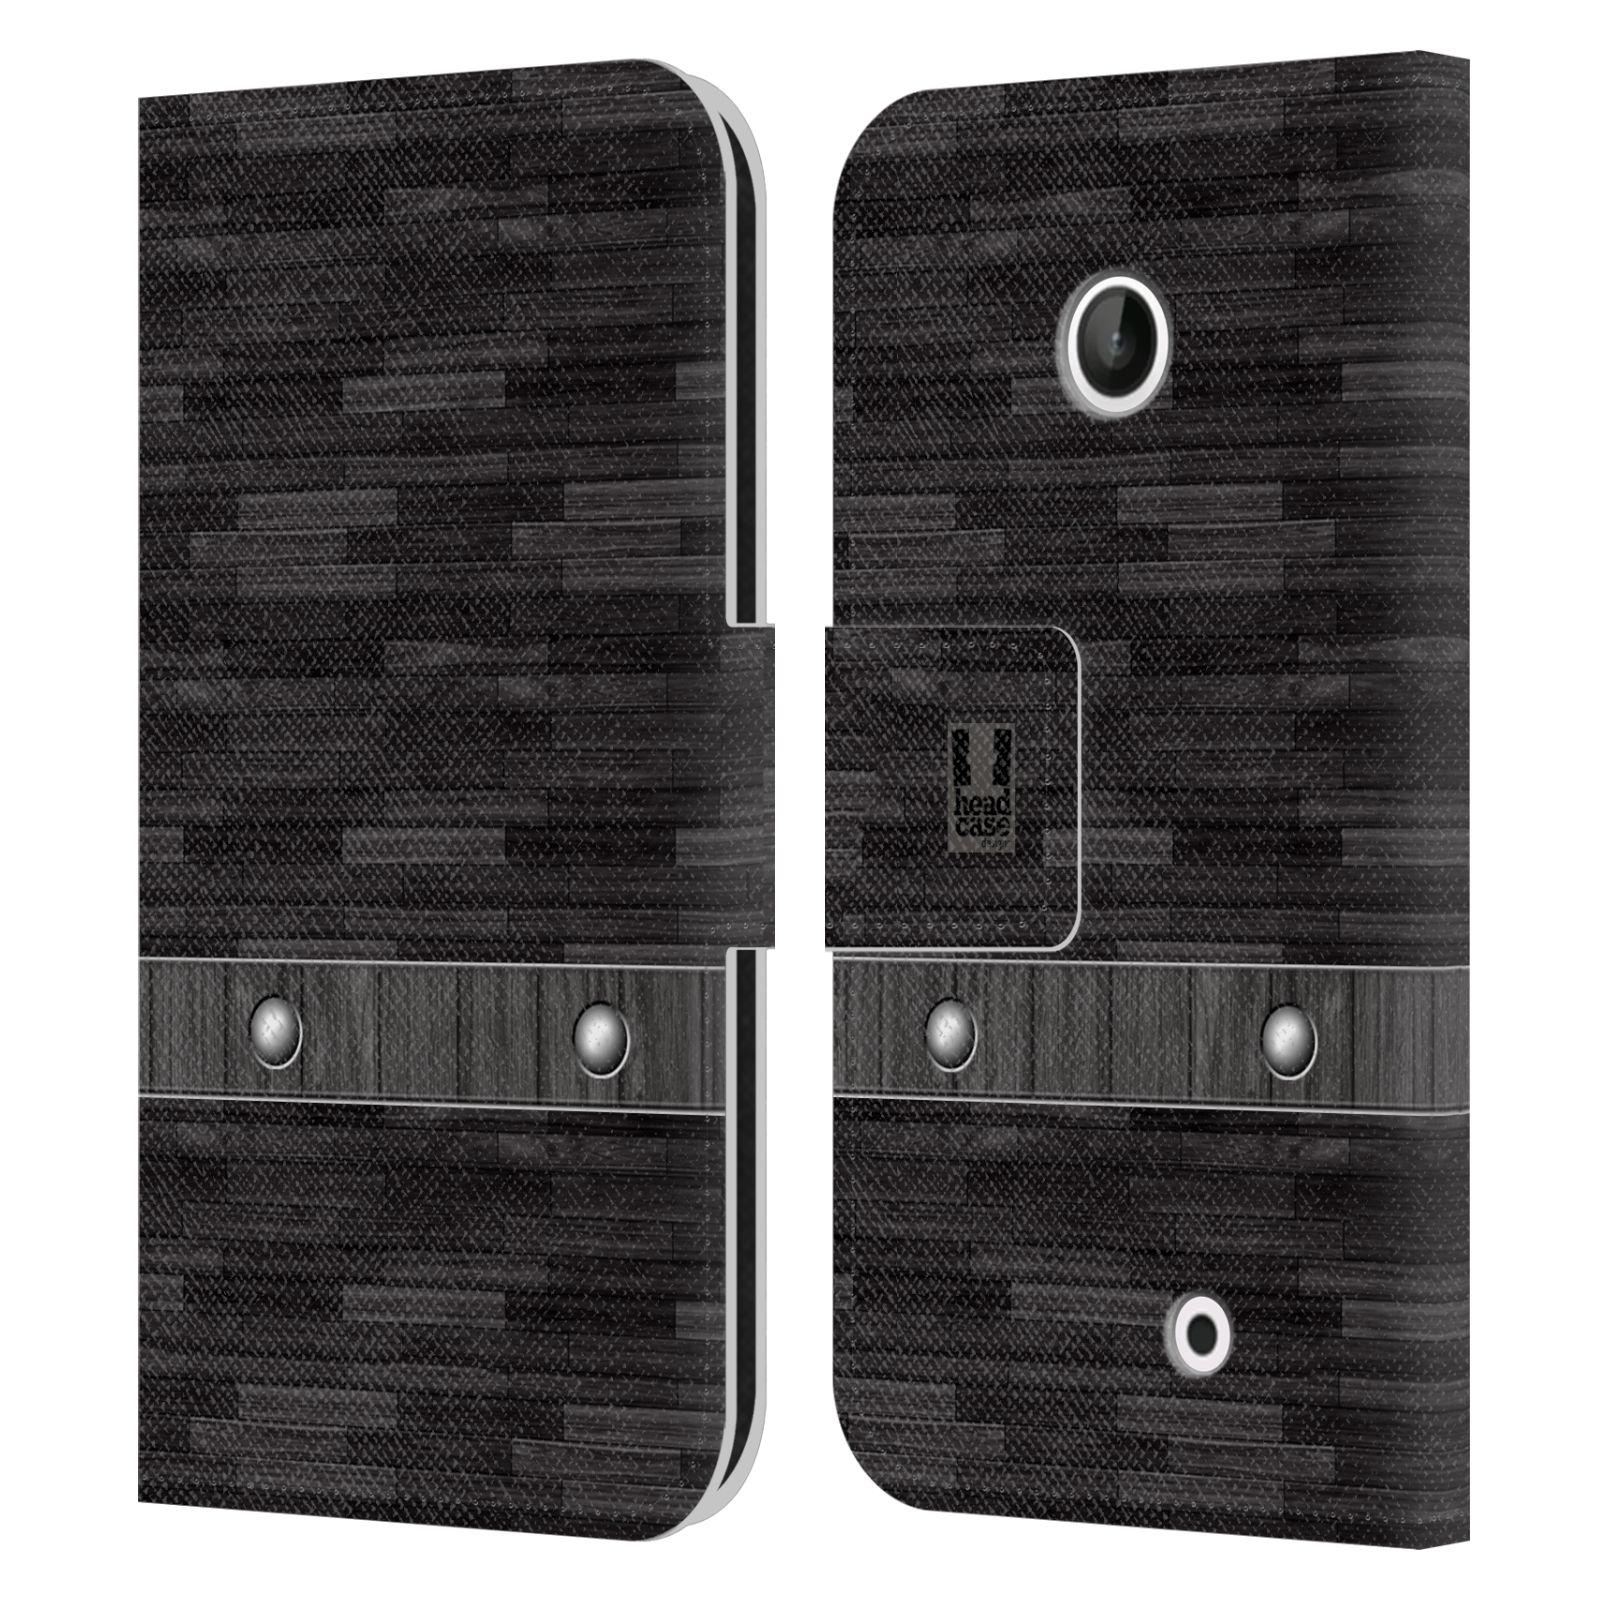 HEAD CASE Flipové pouzdro pro mobil NOKIA LUMIA 630 / LUMIA 630 DUAL stavební textury dřevo černá barva